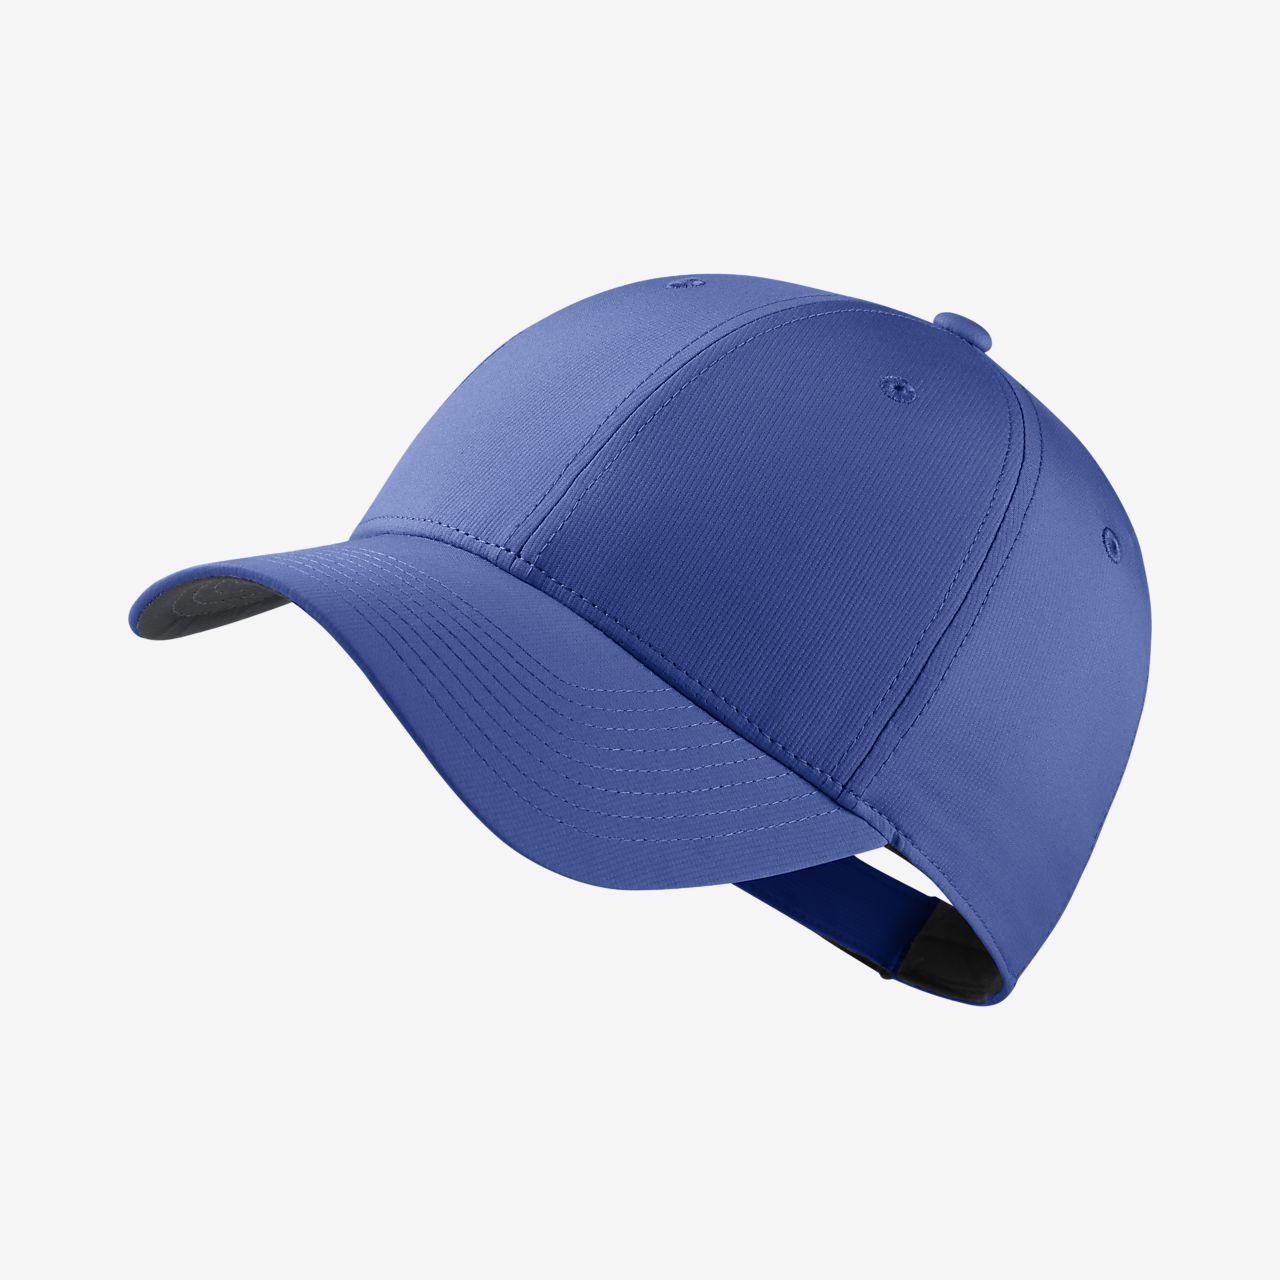 1625df738d0 Nike Dri-FIT Legacy91 Golf Hat. Nike.com AT